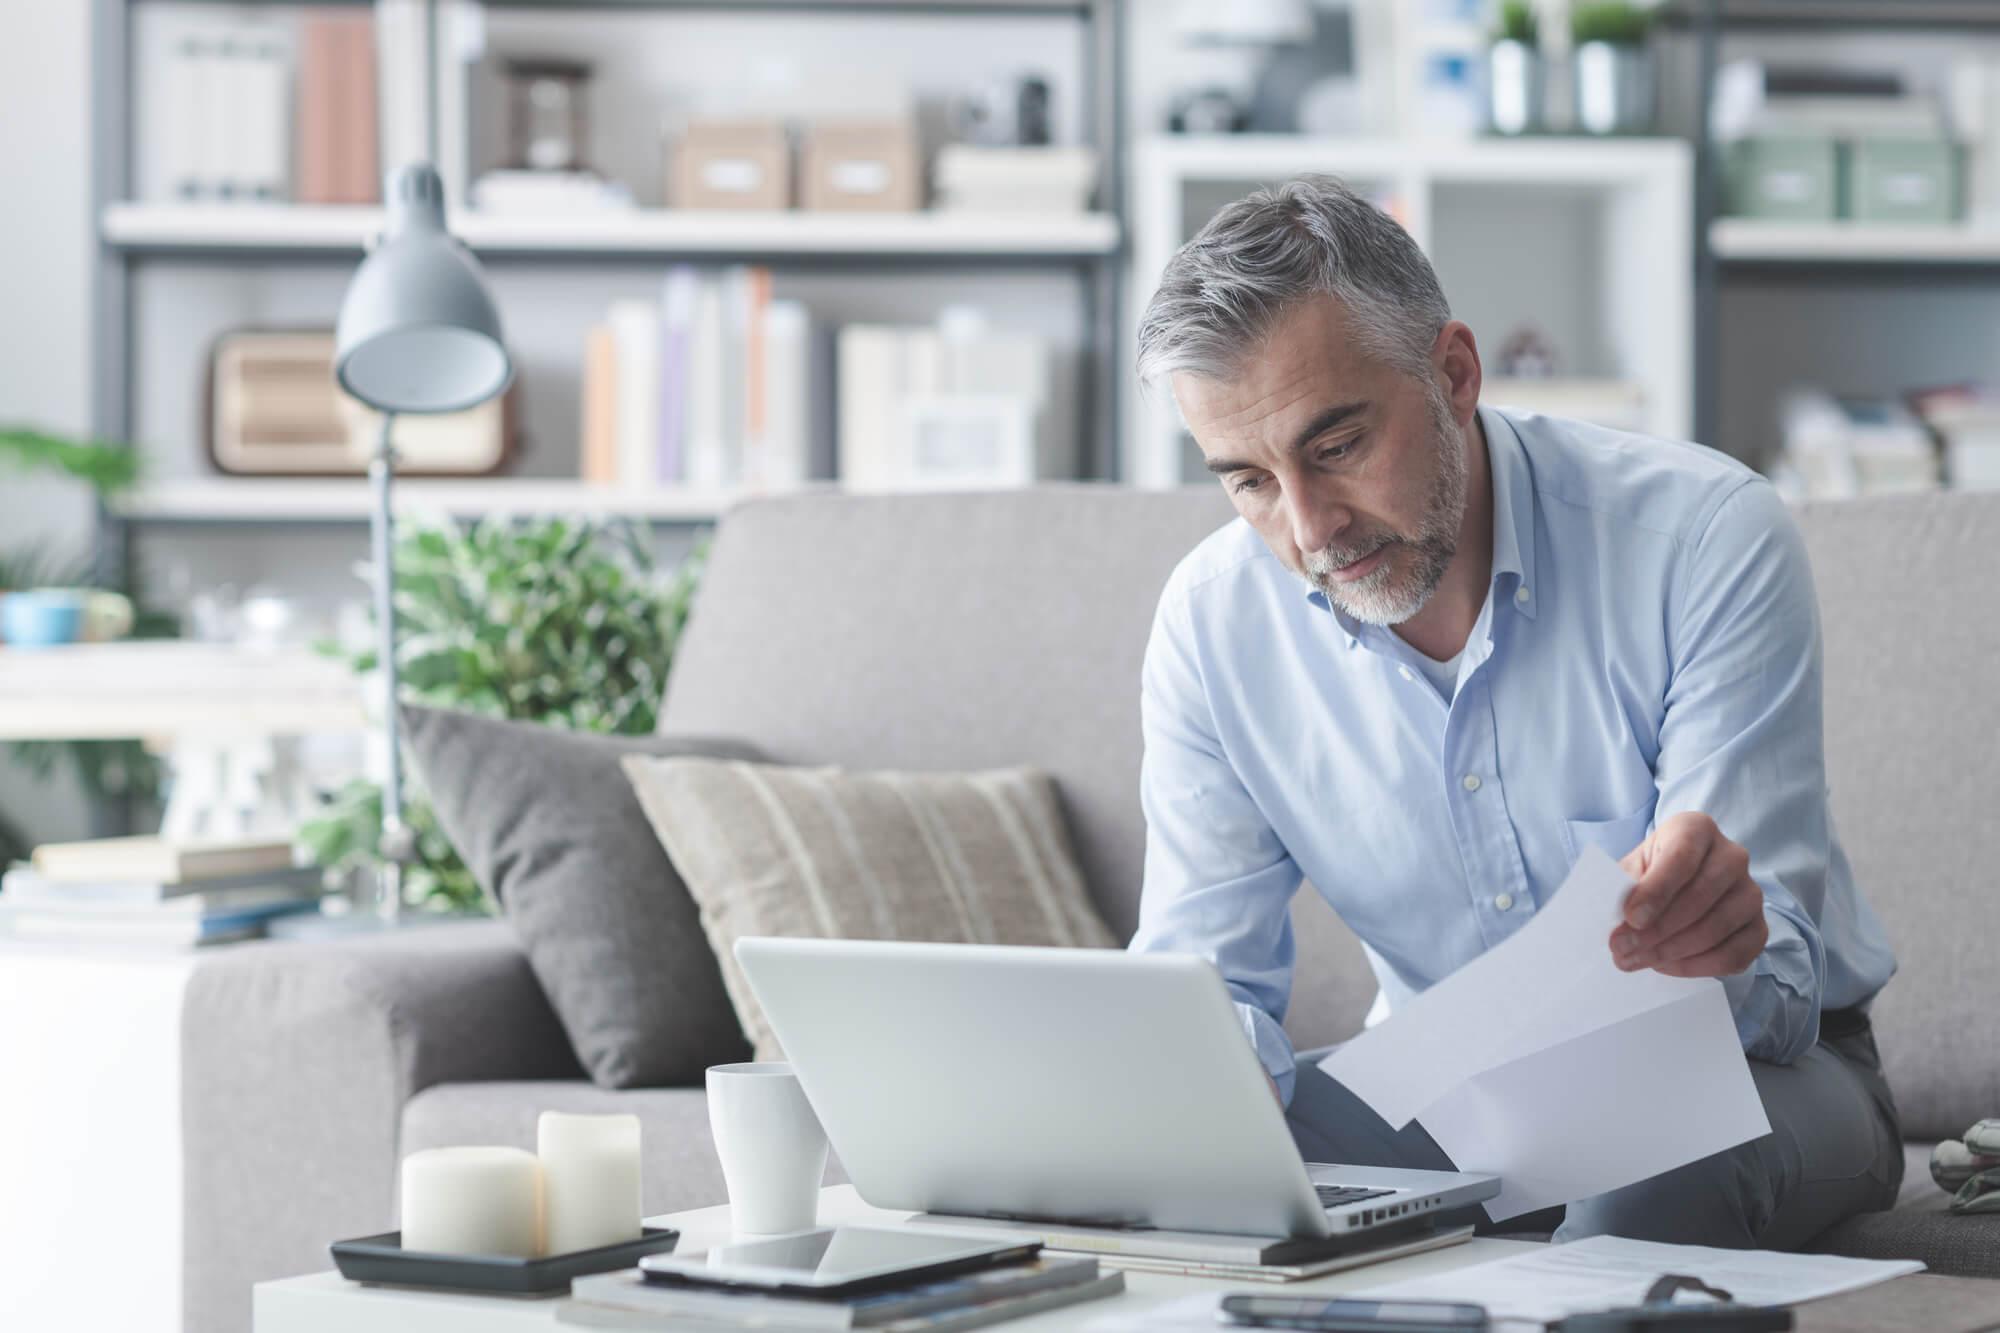 Prazo para reclamação trabalhista: entenda até quando é possível registrar